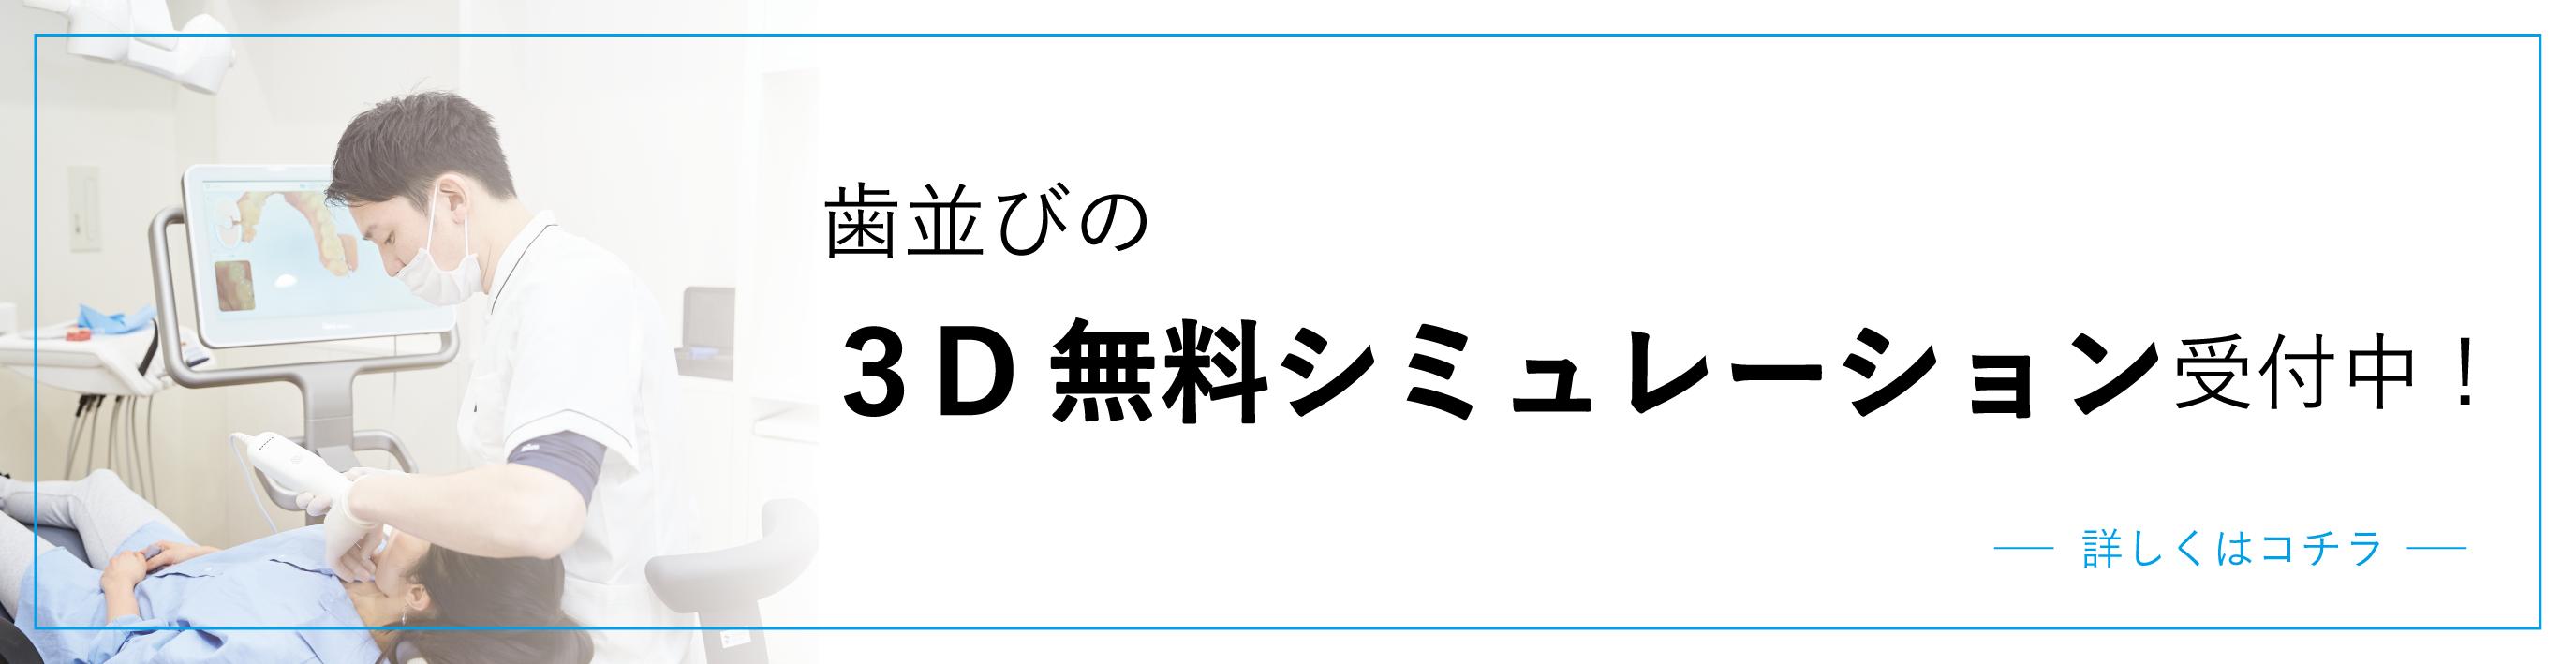 歯並びの3Dシミュレーション受付中!